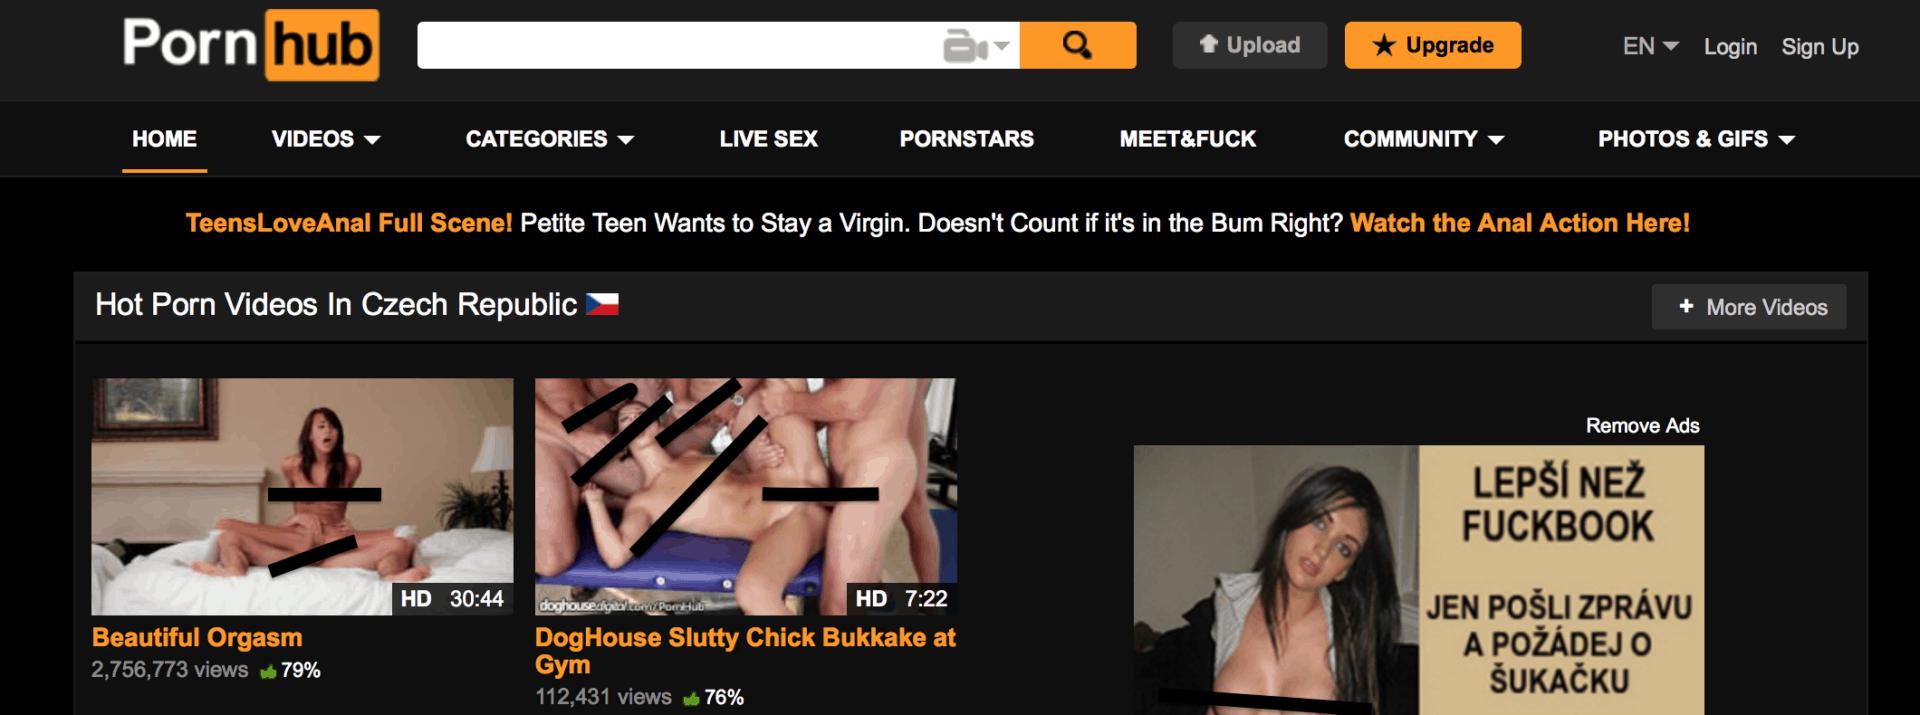 pornhub-scr-porn